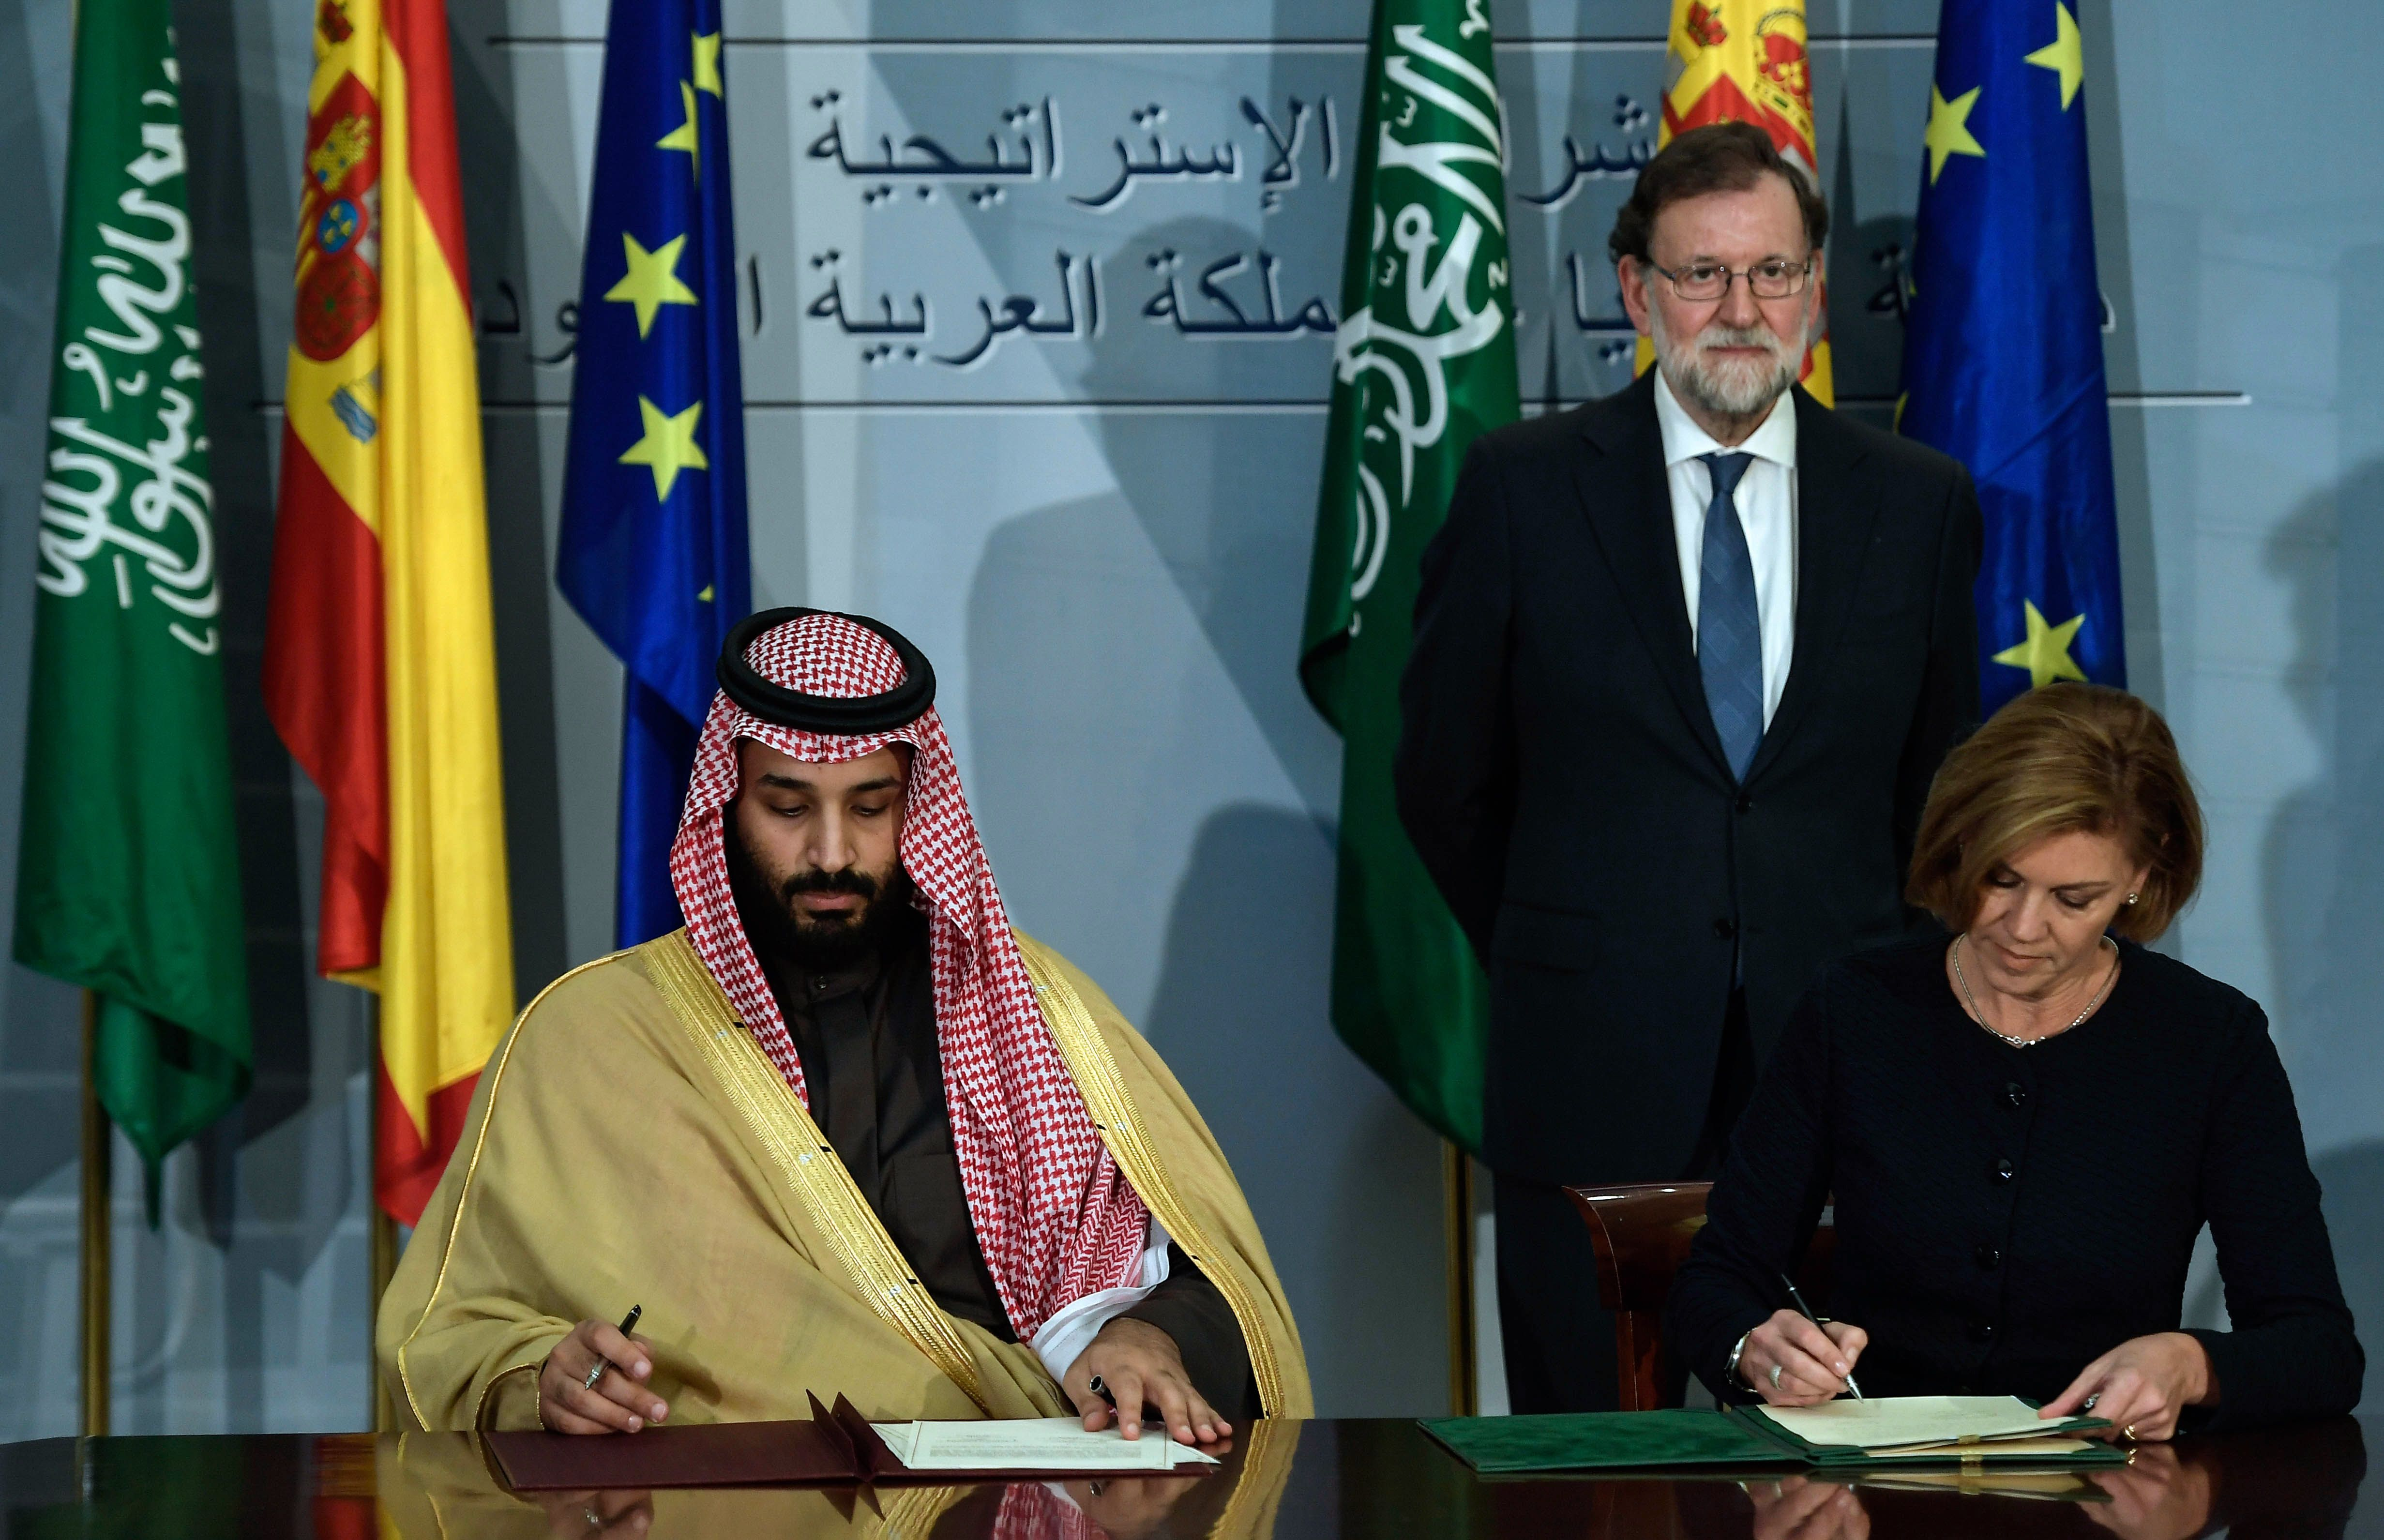 ووزيرة الدفاع الإسبانية ماريا دولوريس أثناء التوقيع